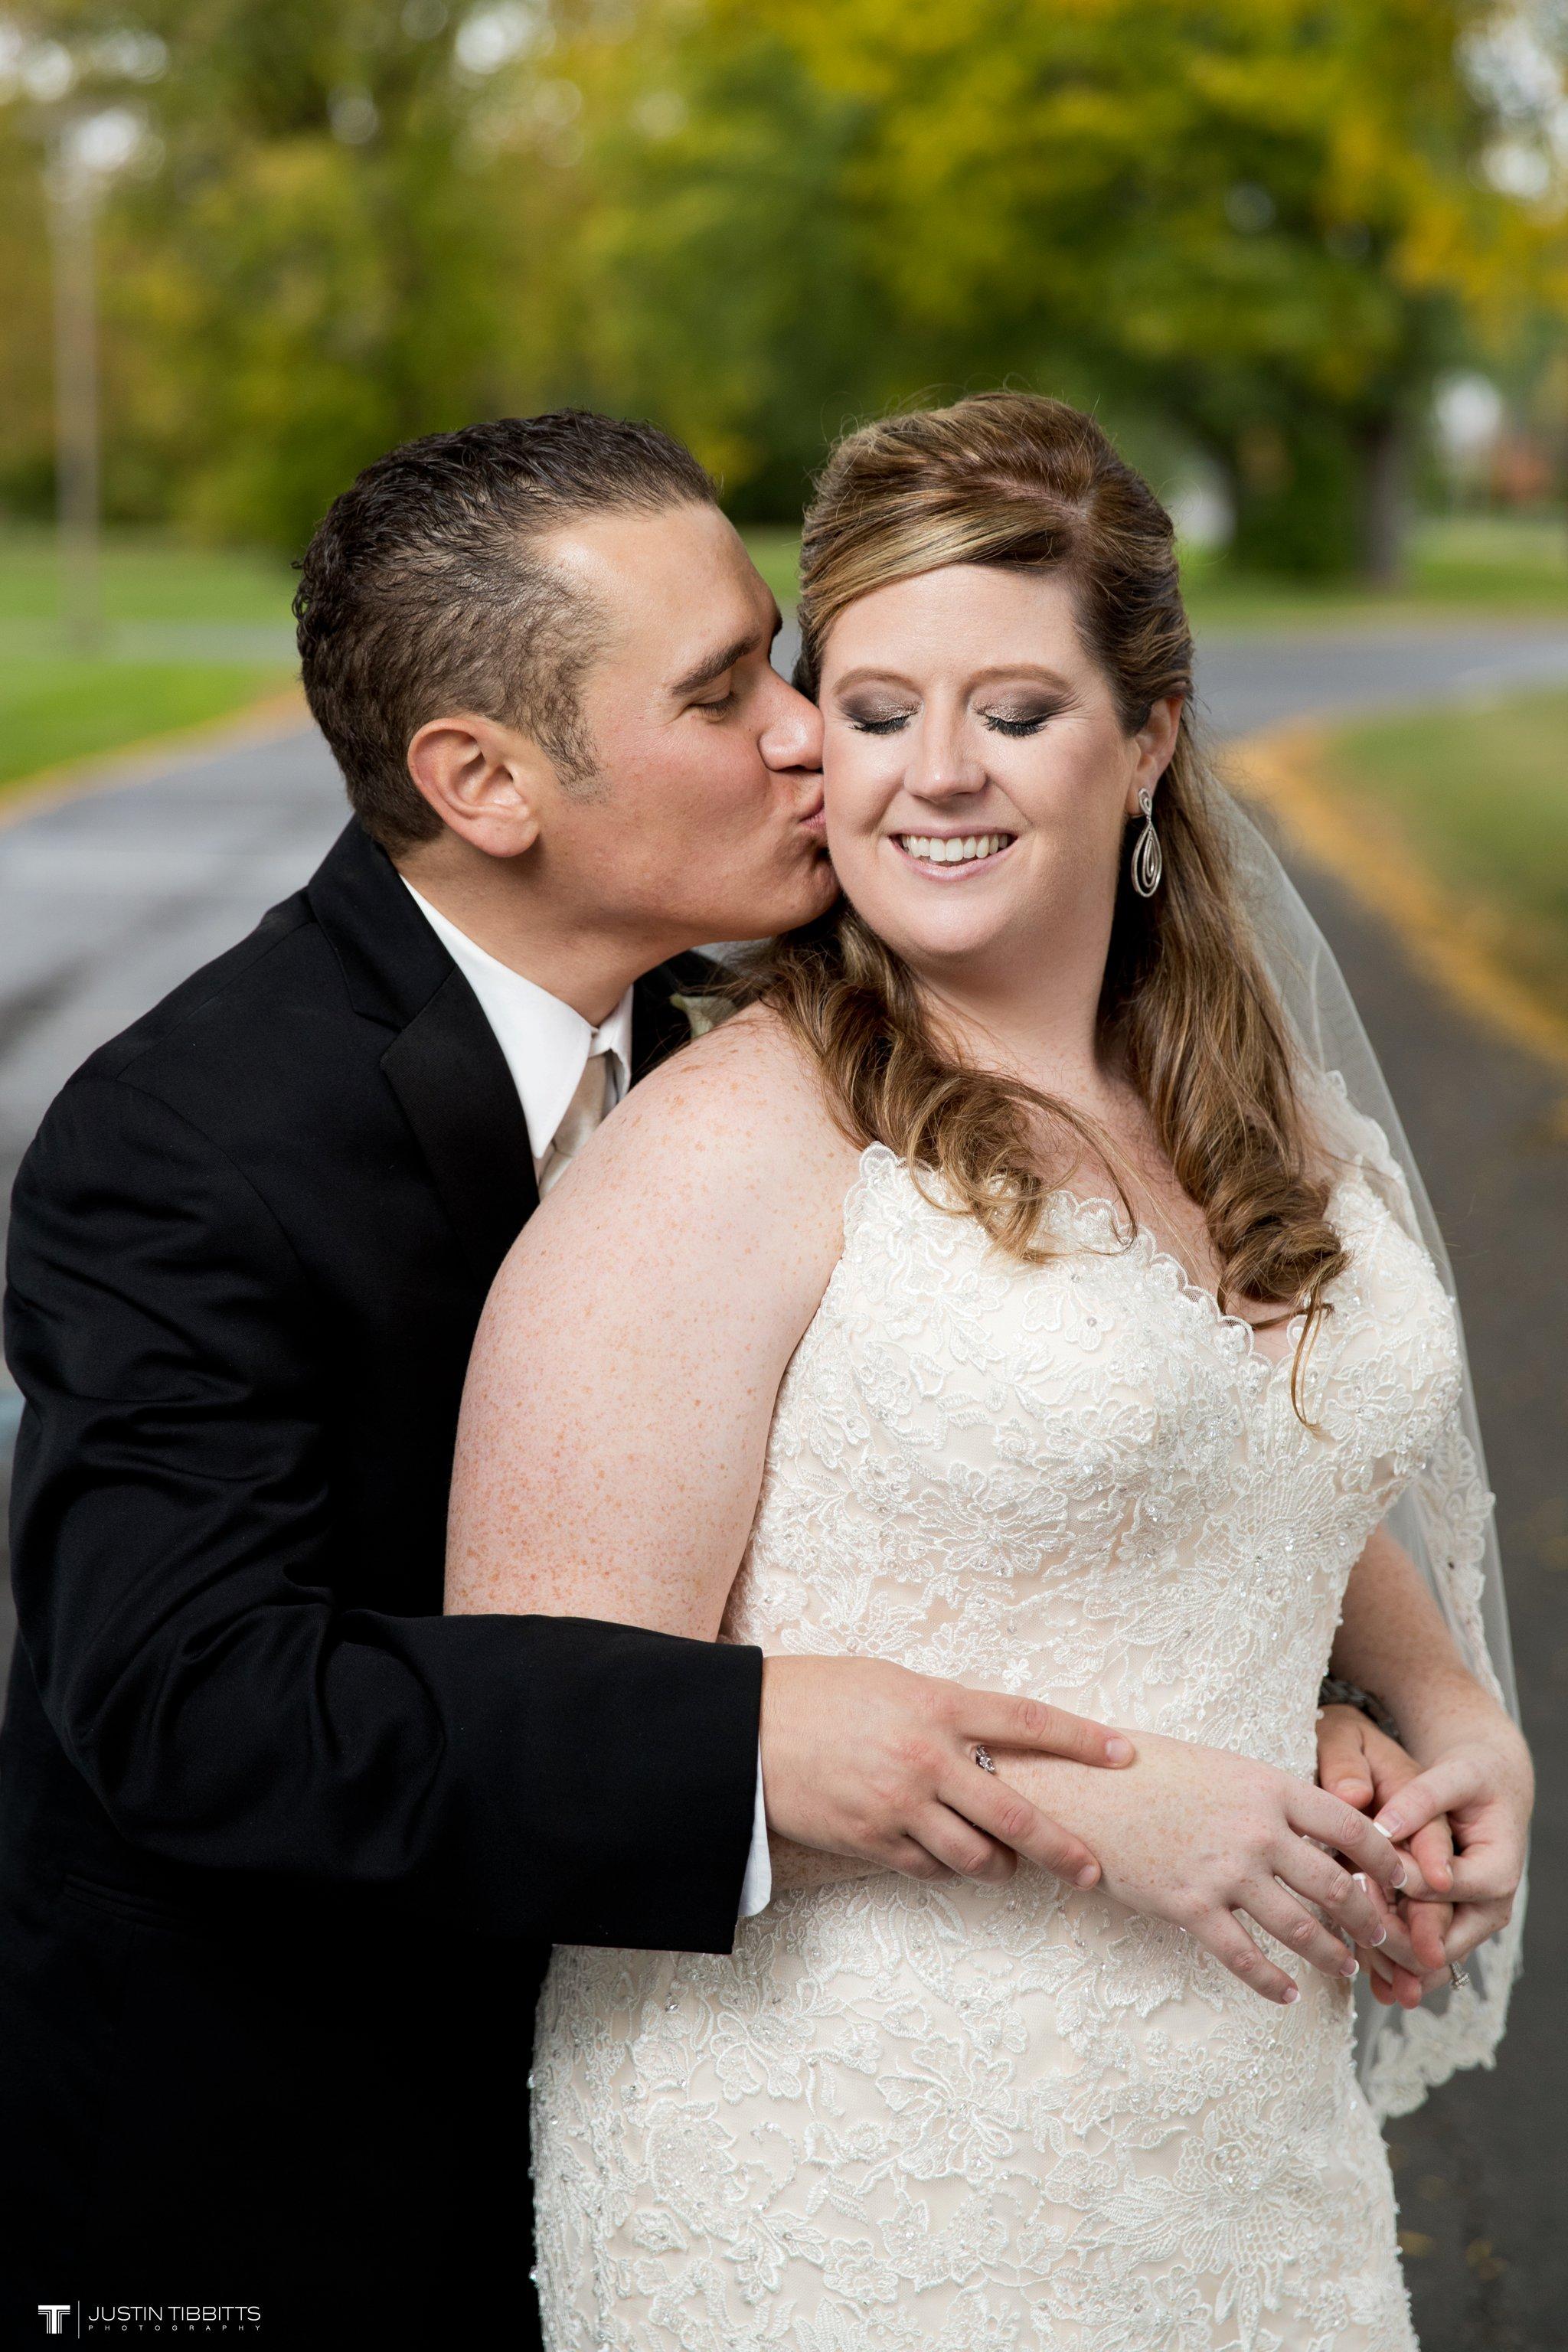 Hall of Springs Wedding Photos with Amanda and Jon-Michael_0070